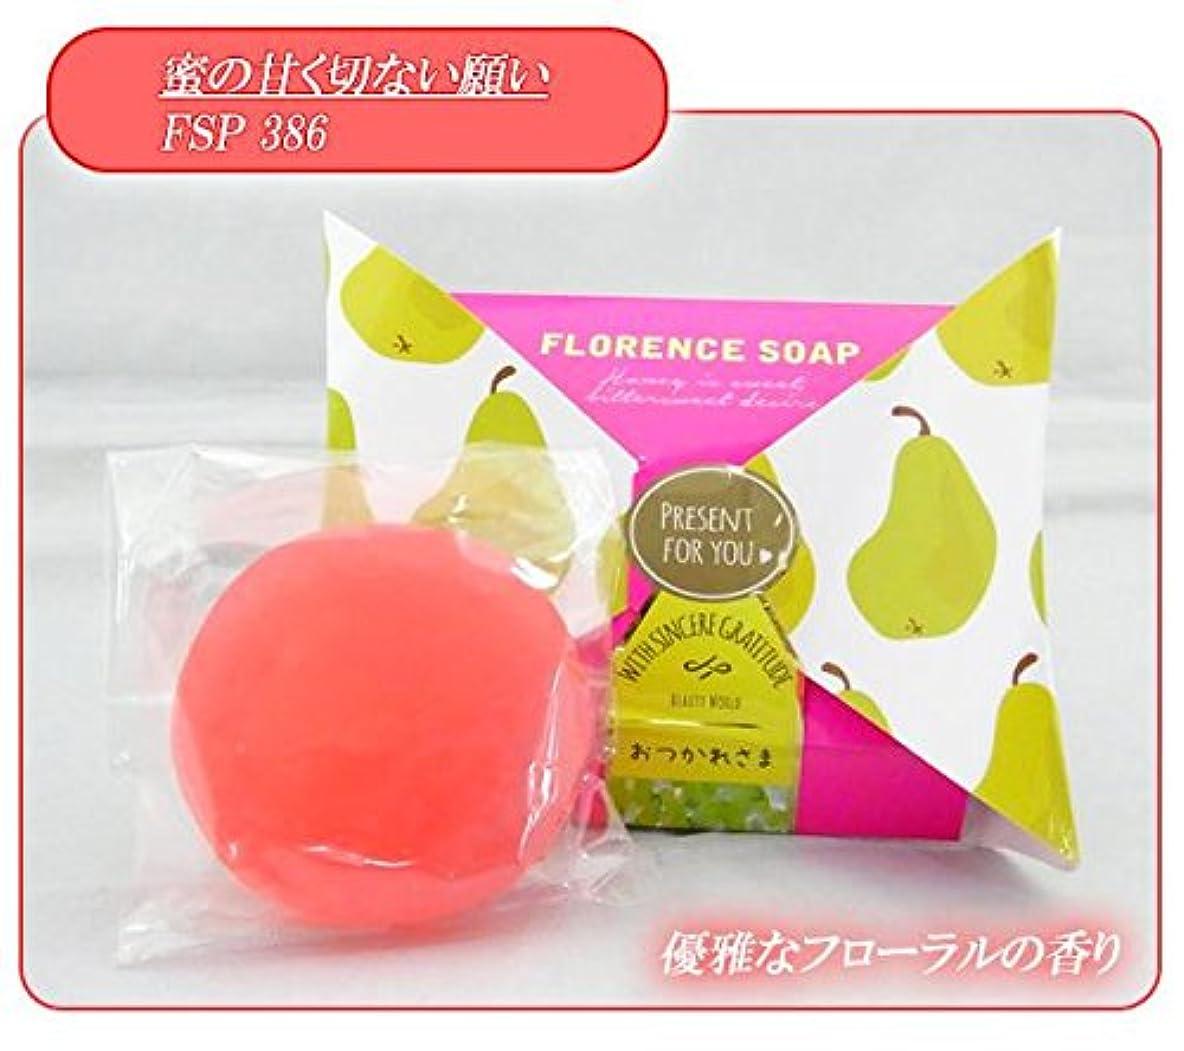 蓮見積りプロペラビューティーワールド BWフローレンスの香り石けん リボンパッケージ 6個セット 蜜の甘く切ない願い